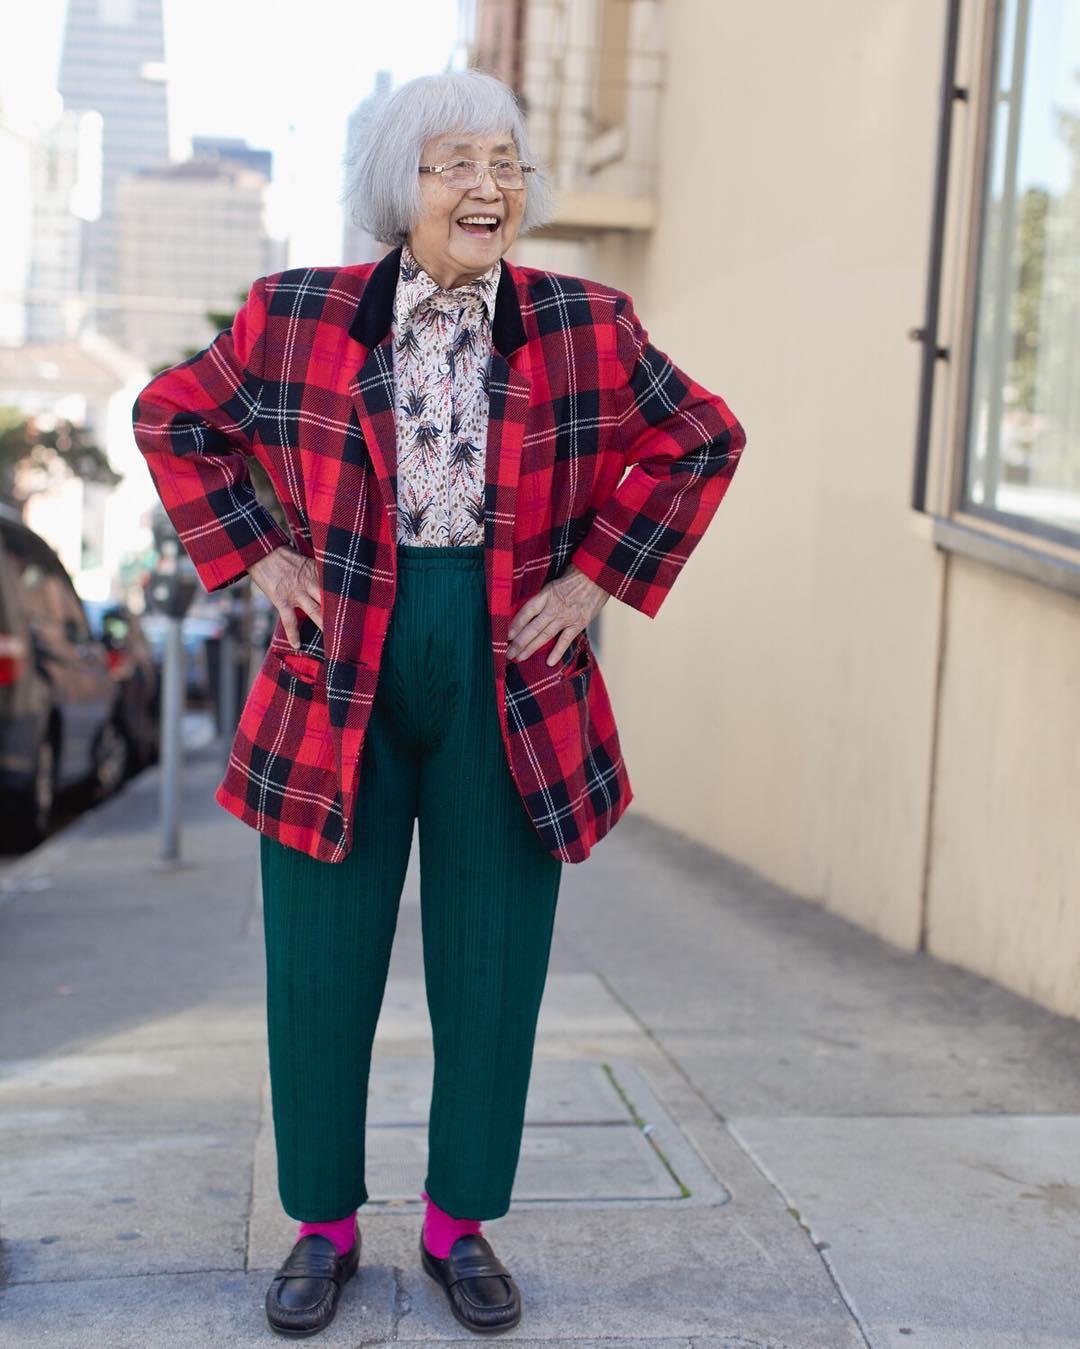 Không đăng hình giới trẻ, tài khoản Instagram này lại tôn vinh street style đi chợ của các cụ già và được hưởng ứng vô cùng - Ảnh 10.